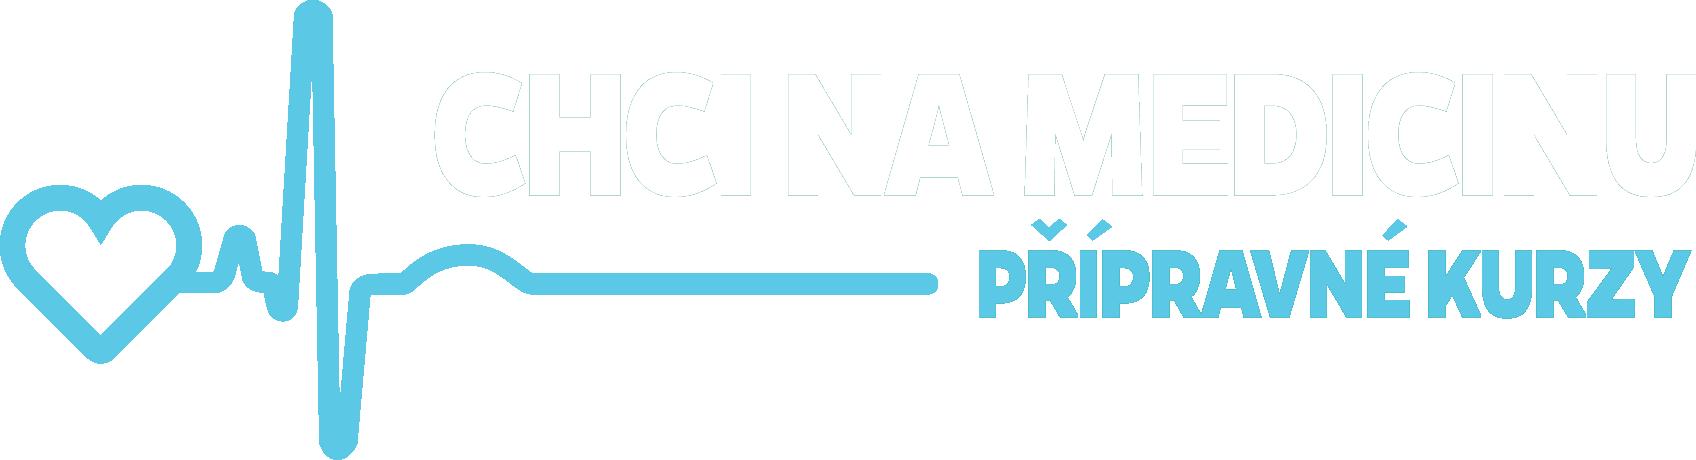 Přípravné kurzy k přijímačkám na medicínu - Chci na medicínu.cz